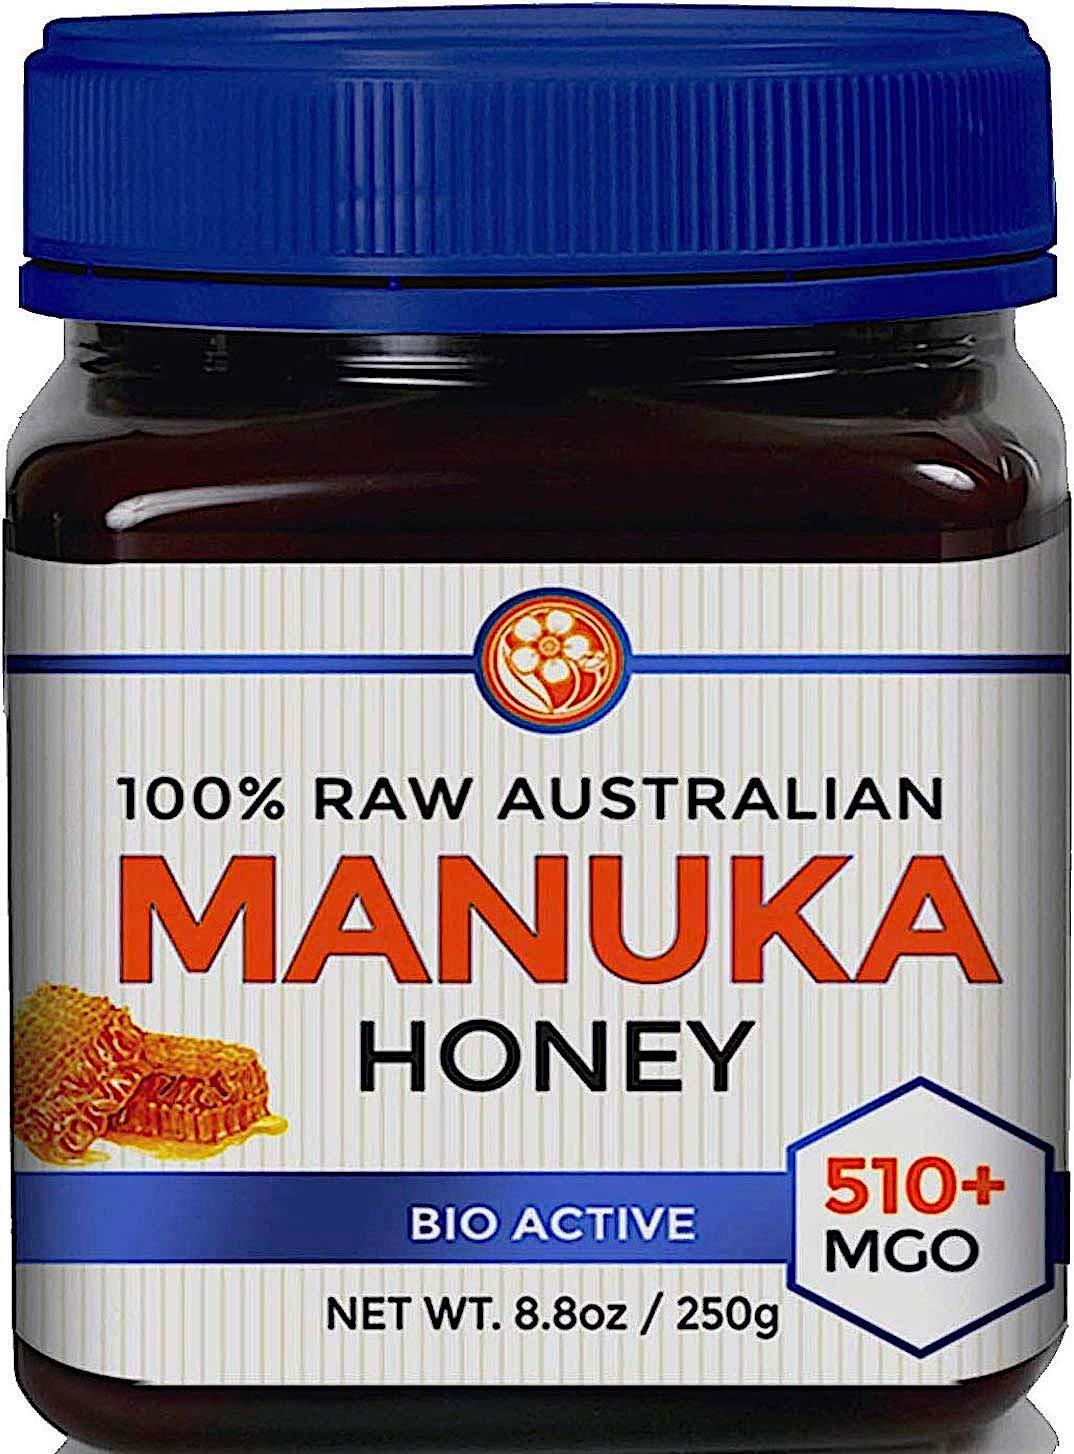 Raw Manuka Honey Certified MGO 510+ (NPA 15+) High Grade Medicinal Strength Manuka with Antibacterial Activity - 250g by Good Natured